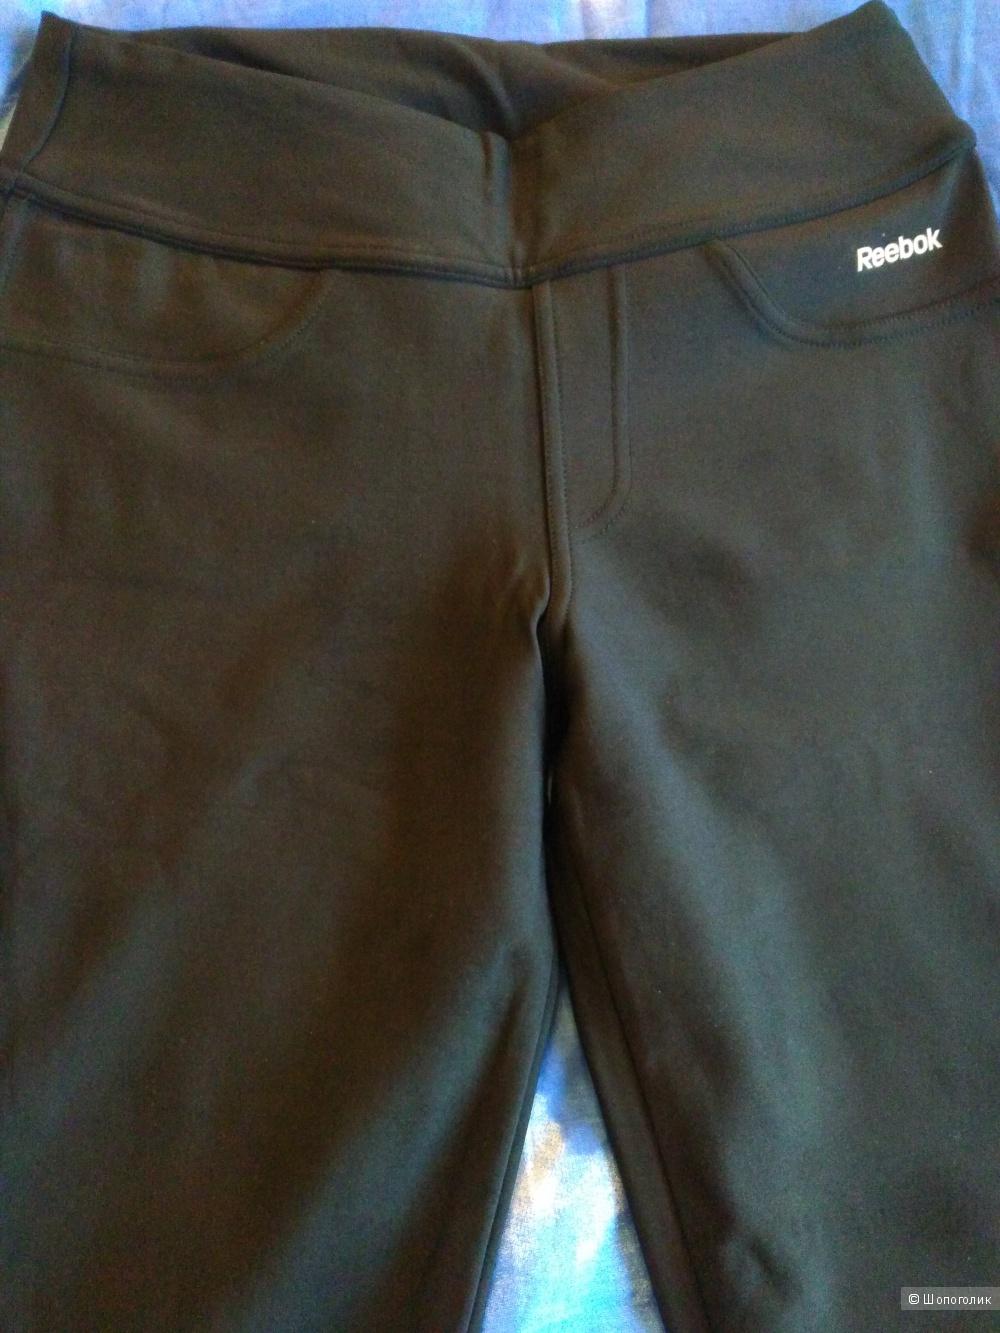 Спортивные штаны Reebok размер М